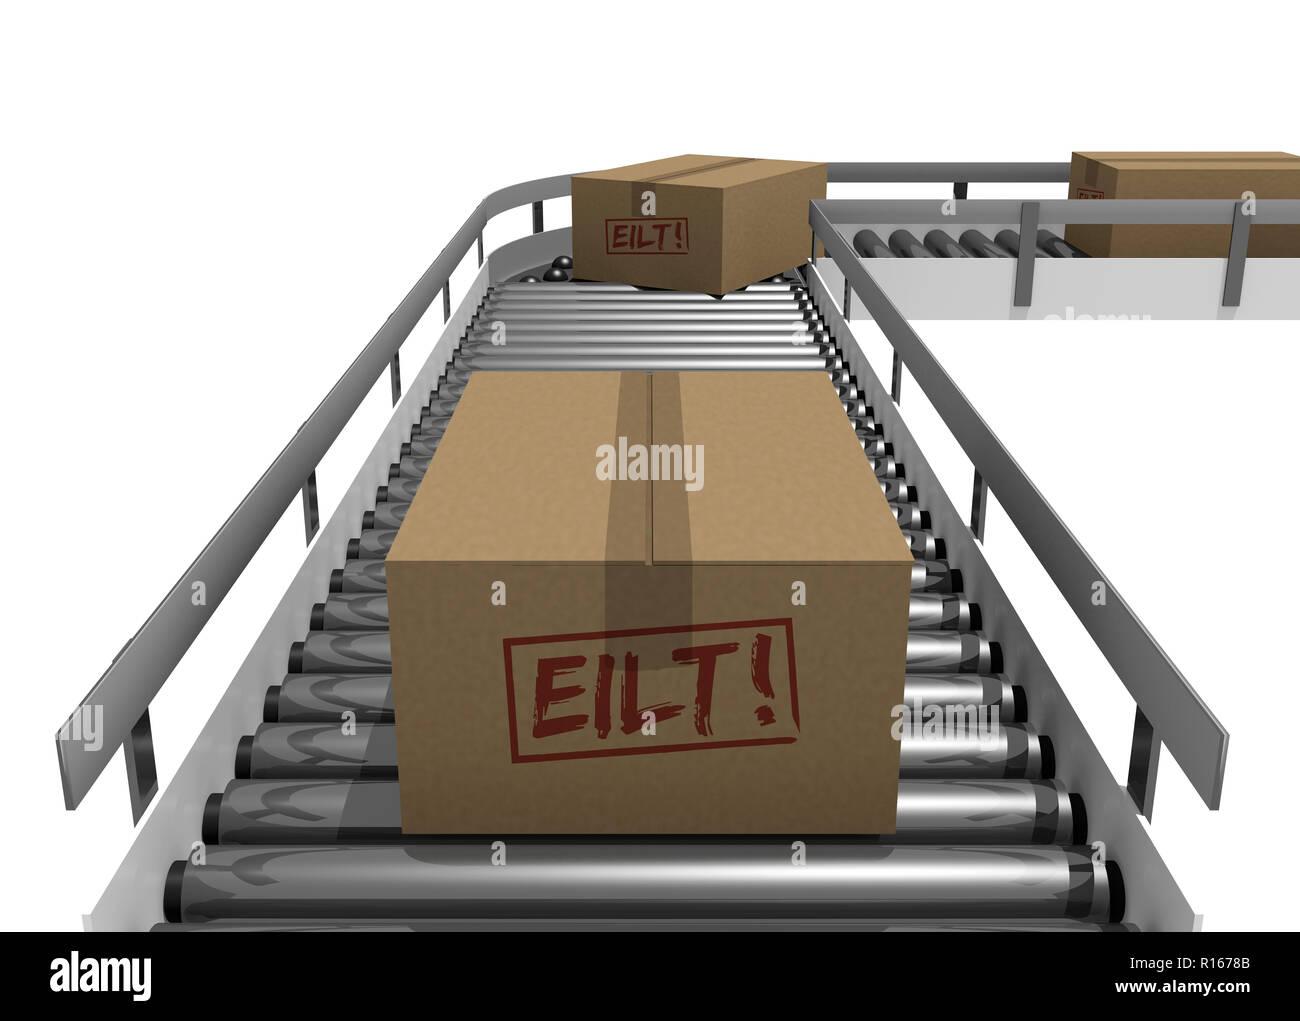 conveyor carton taxiway belts warehouse mail transport - Stock Image